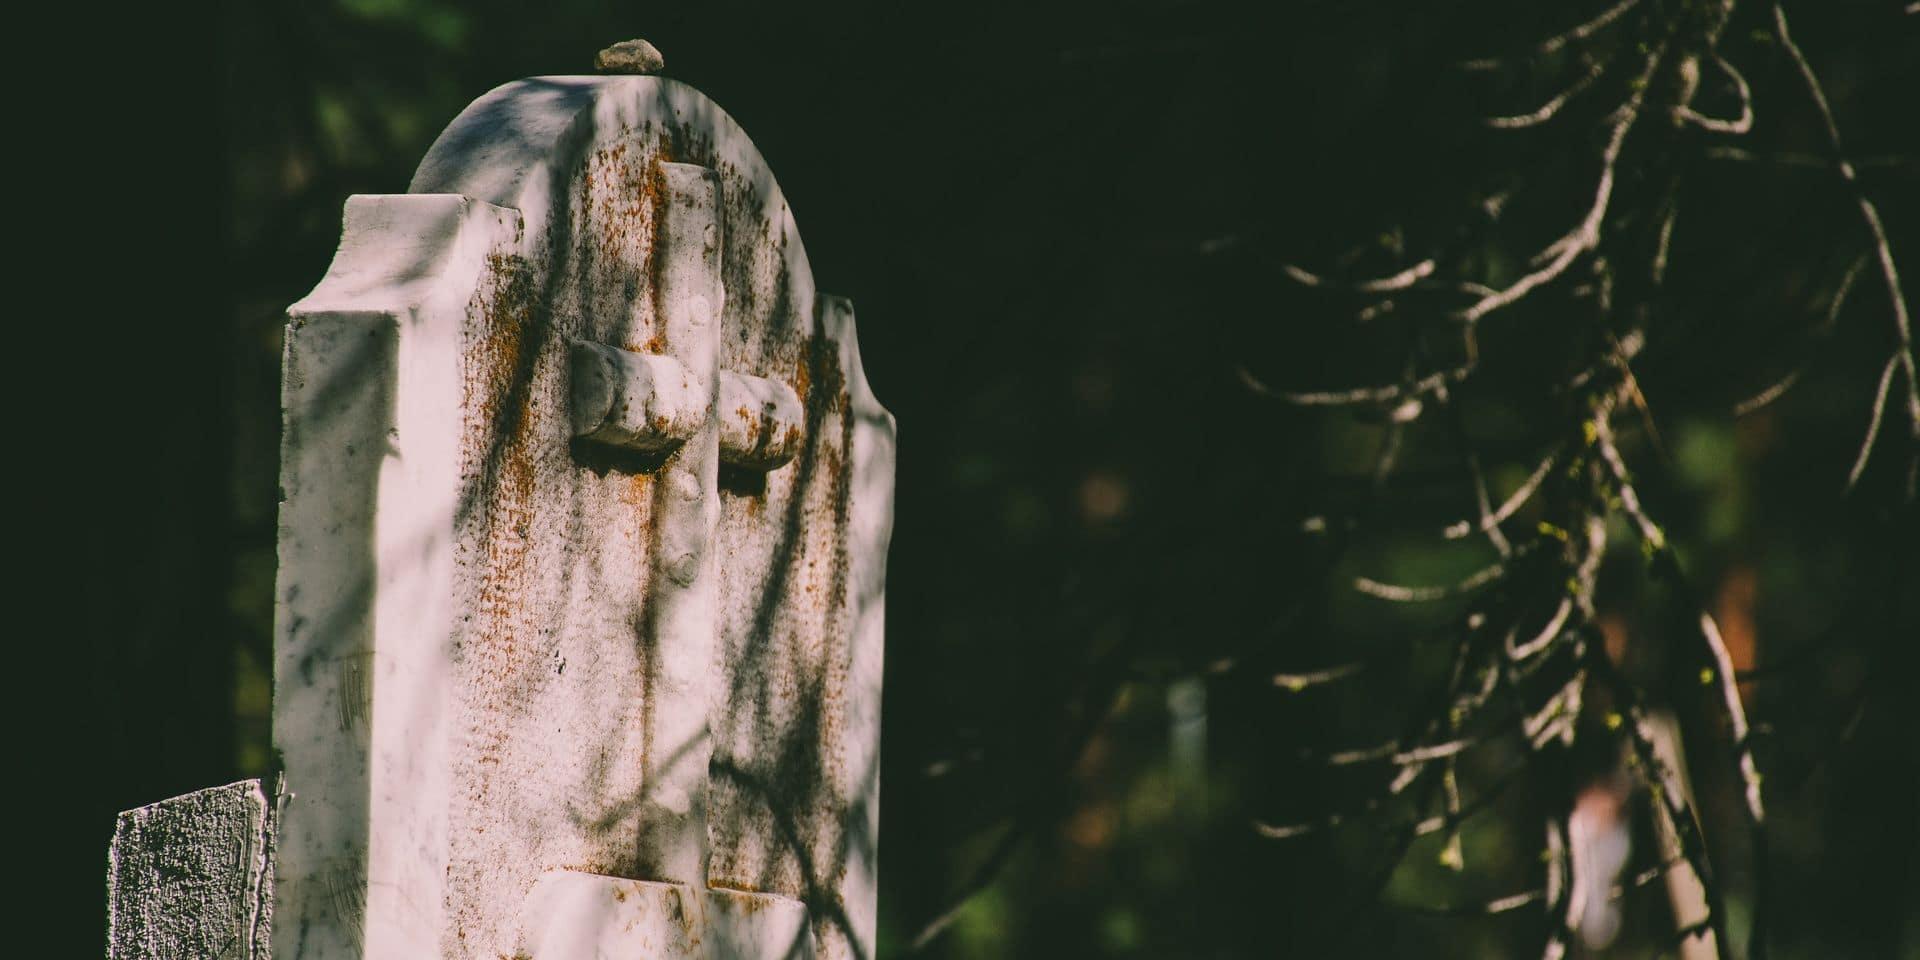 """Des décorations militaires retrouvées sur la tombe des parents de Jürgen Conings: """"C'est un signal très inquiétant"""""""